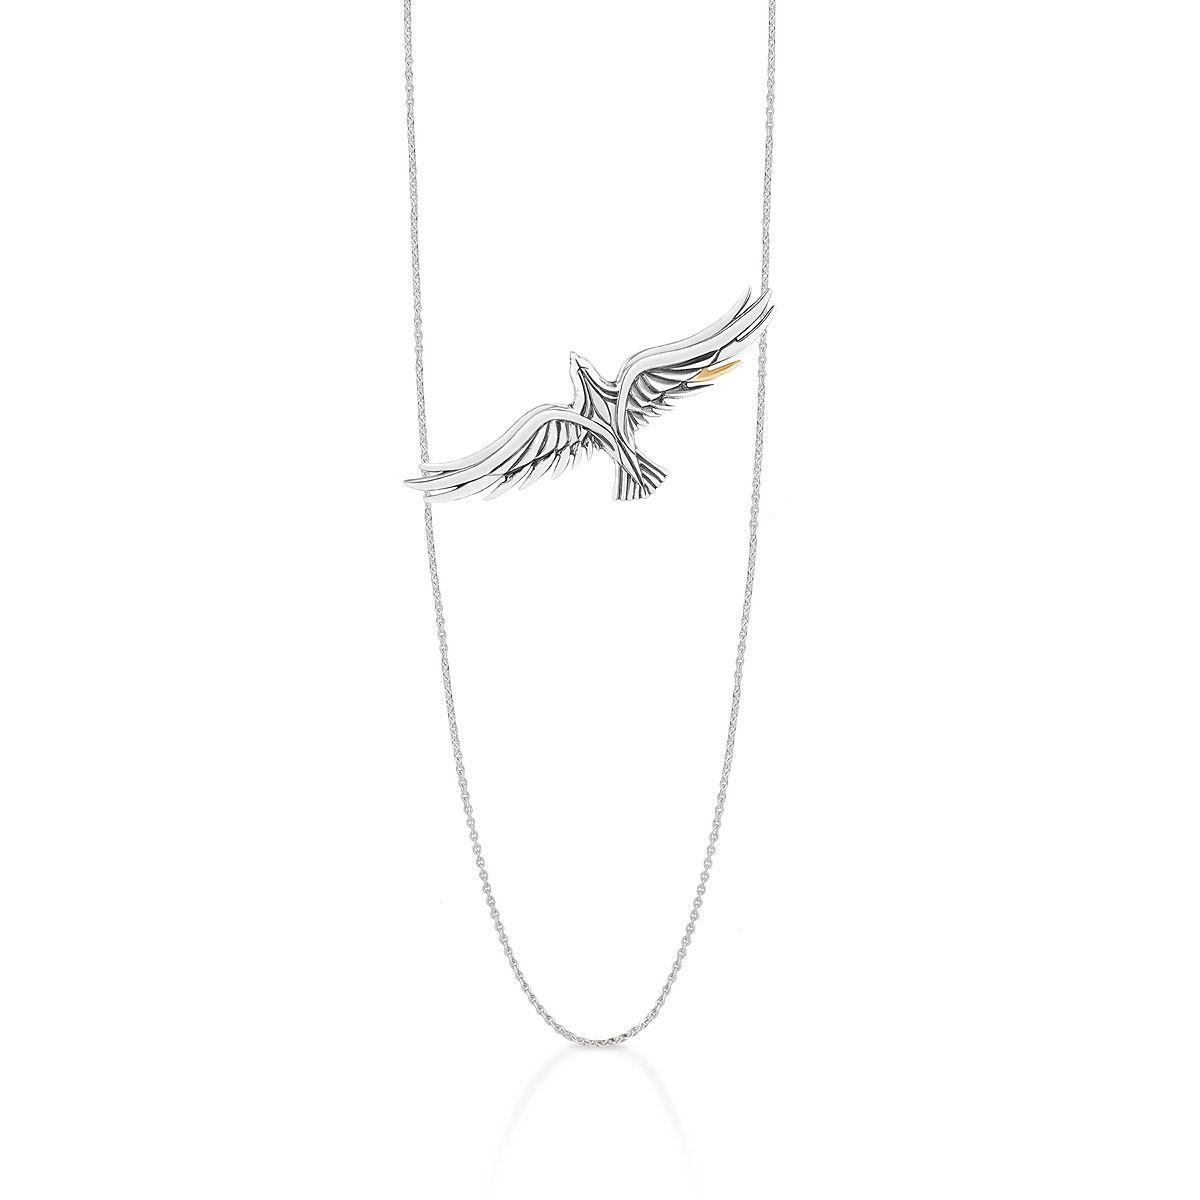 Naszyjnik Freedom W Kruk 87494 Bizuteria W 2019 Jewelry Arrow